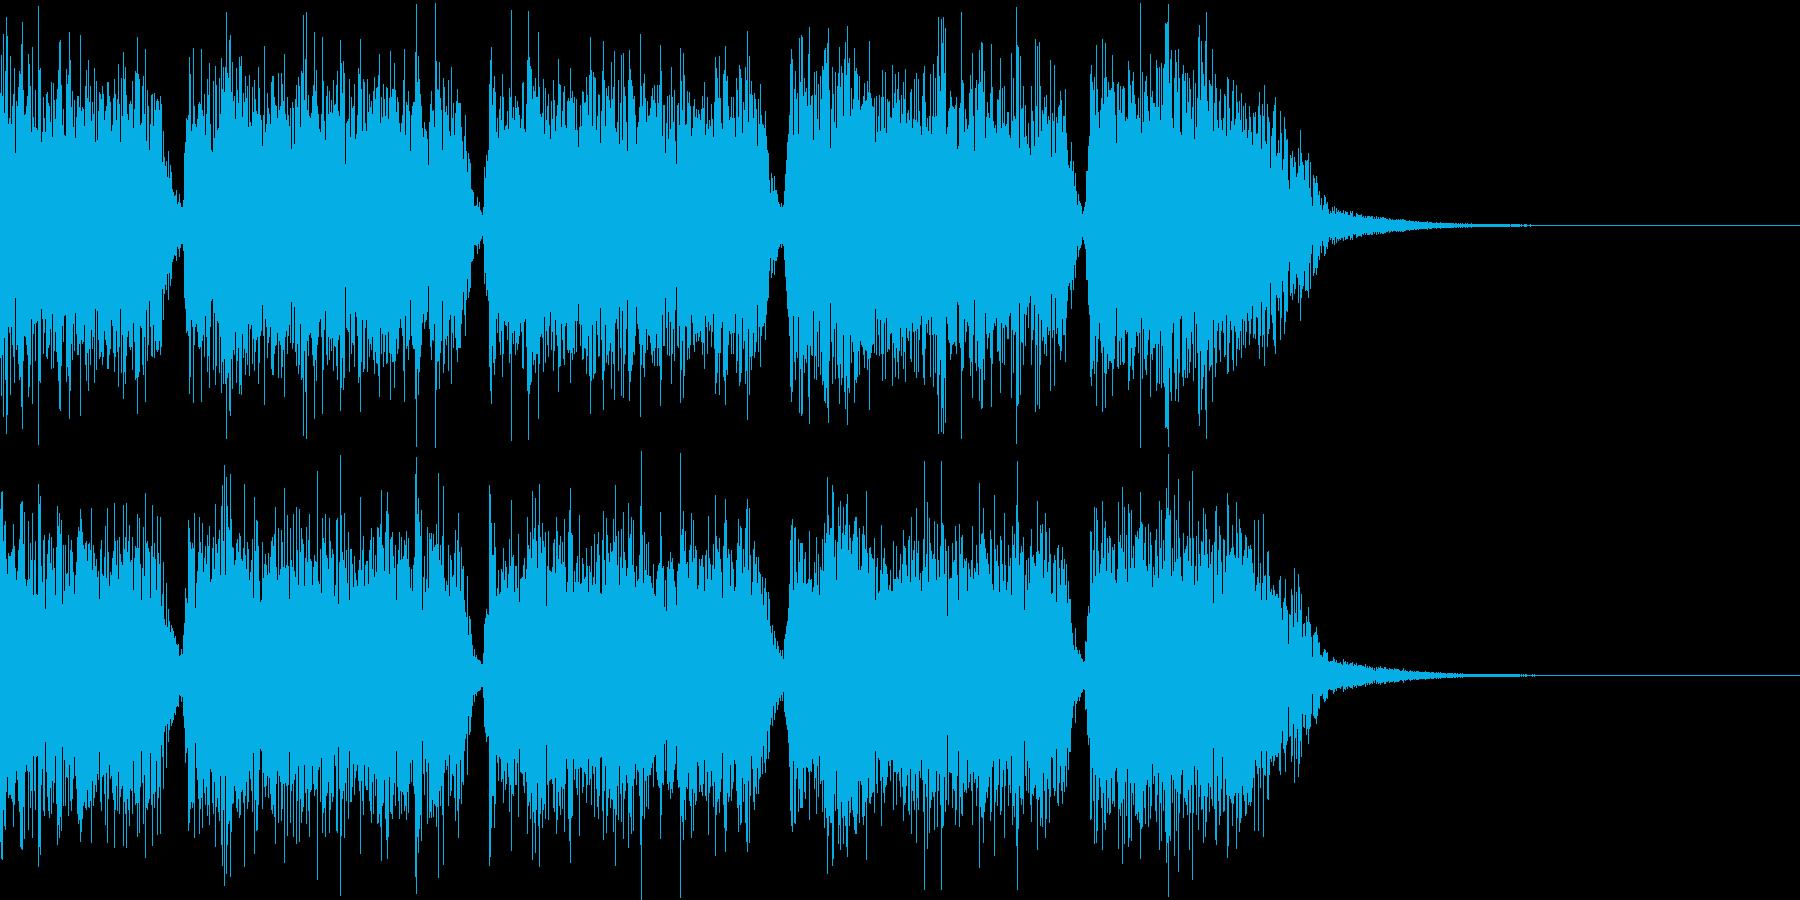 エネルギッシュ・ロックなサウンドロゴ02の再生済みの波形